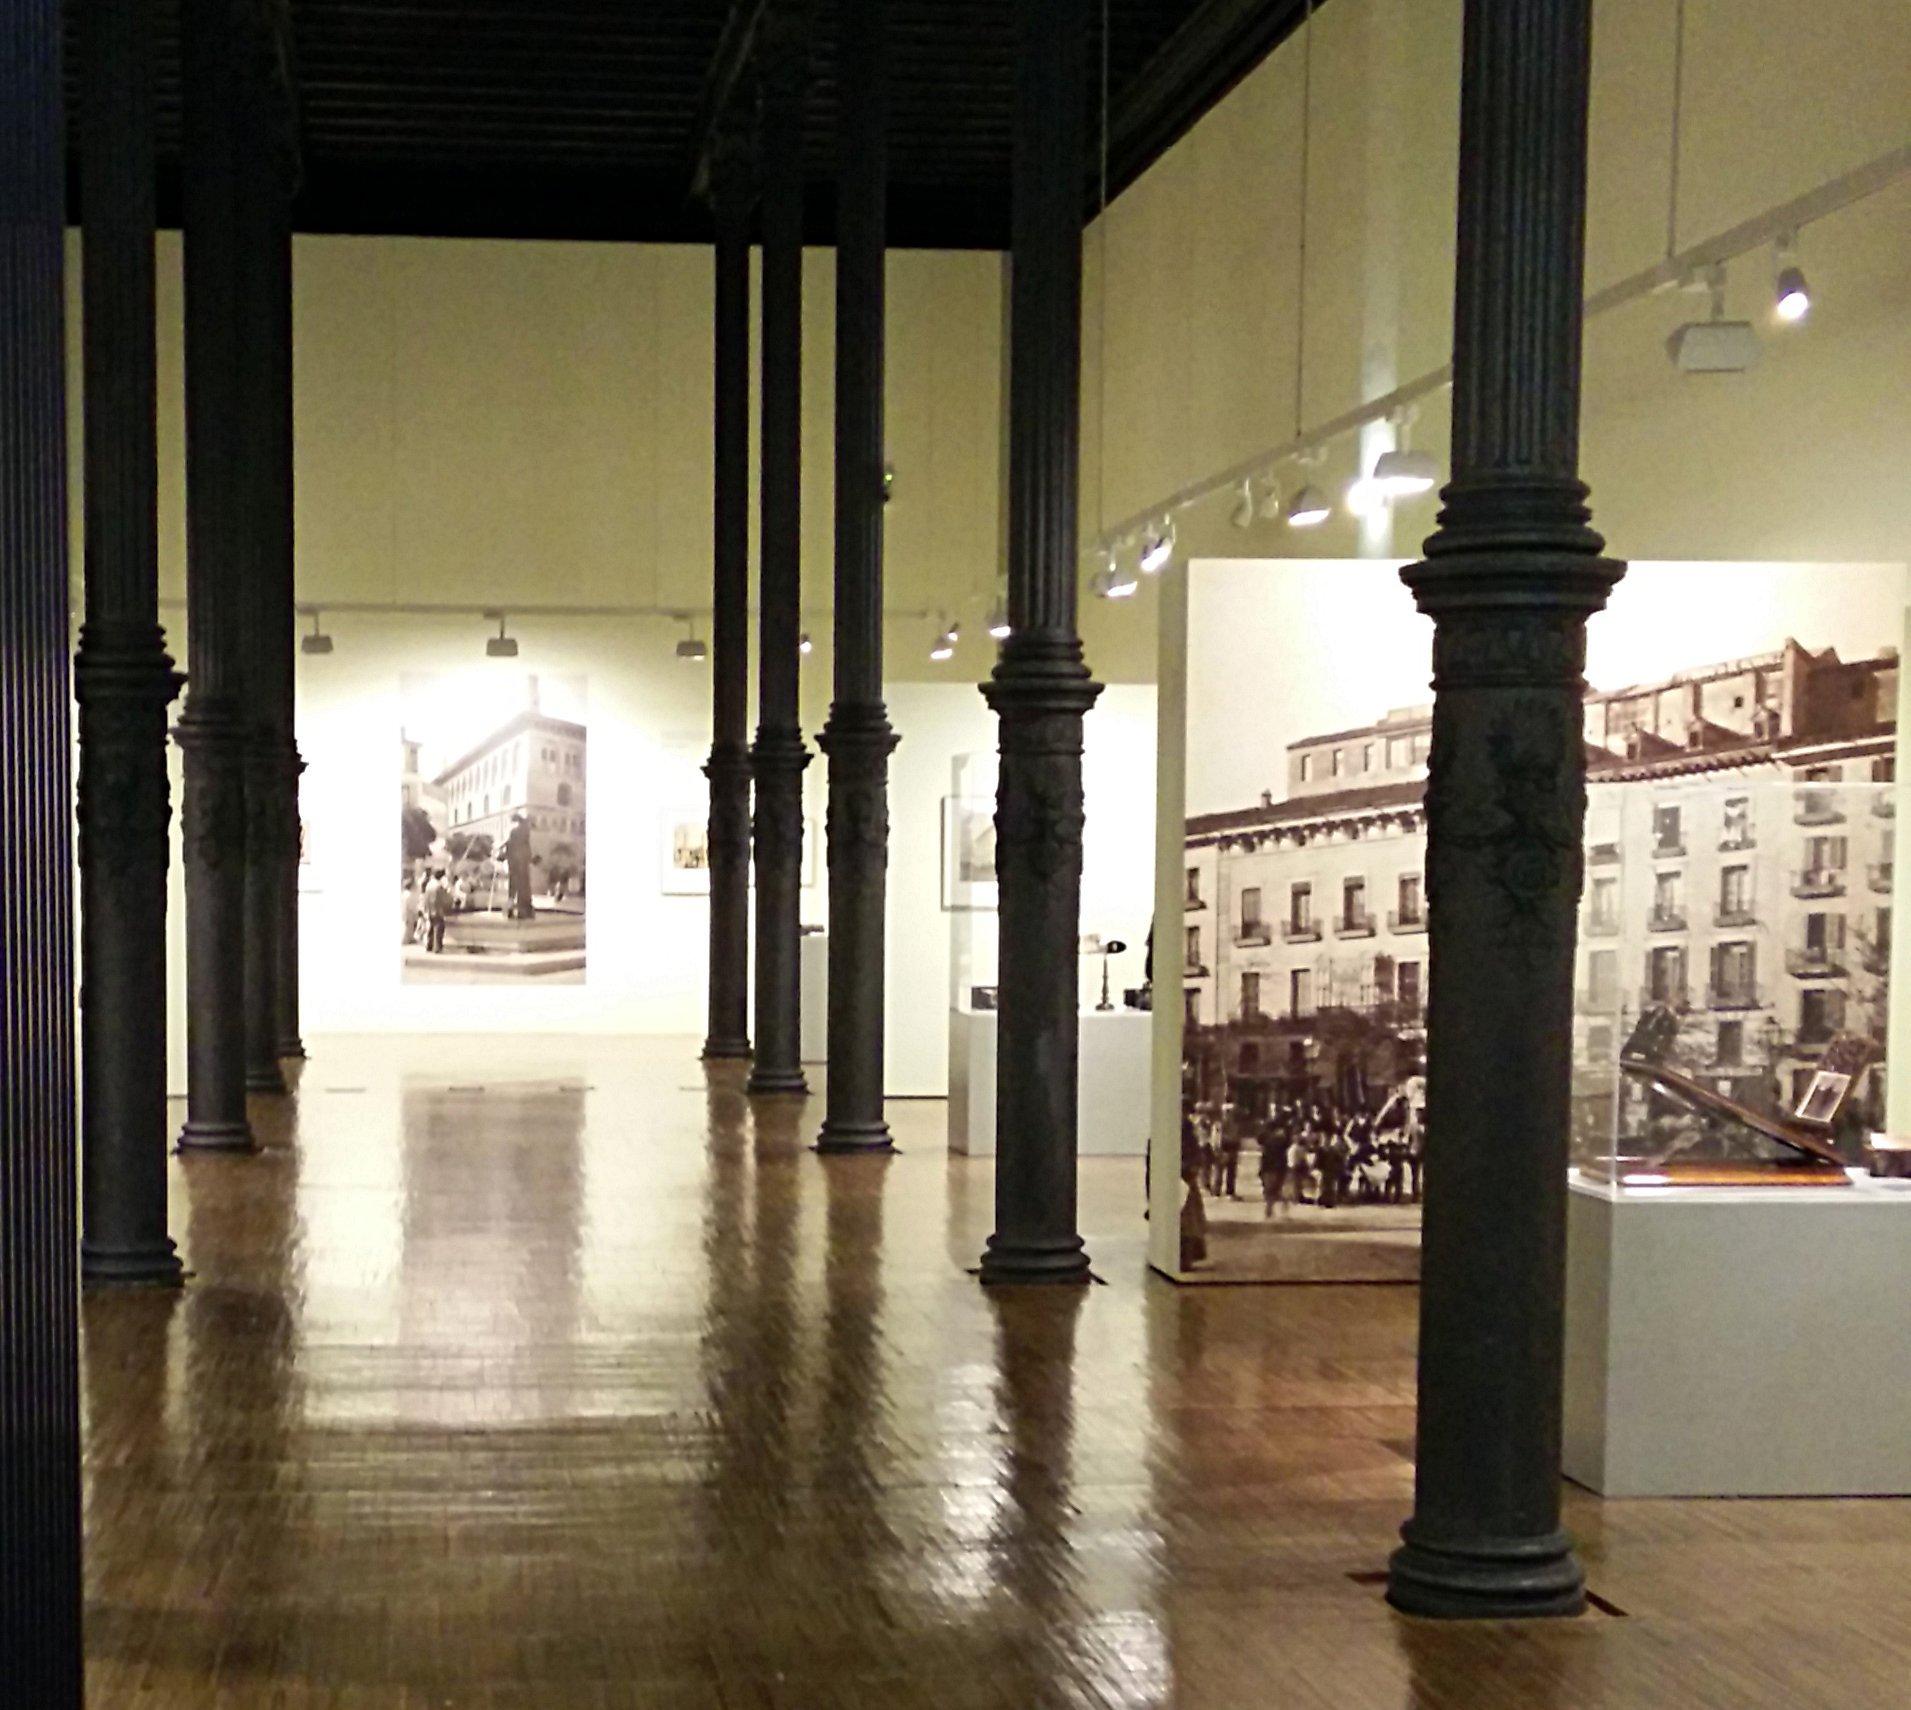 Zaragoza estereoscópica: la exposición